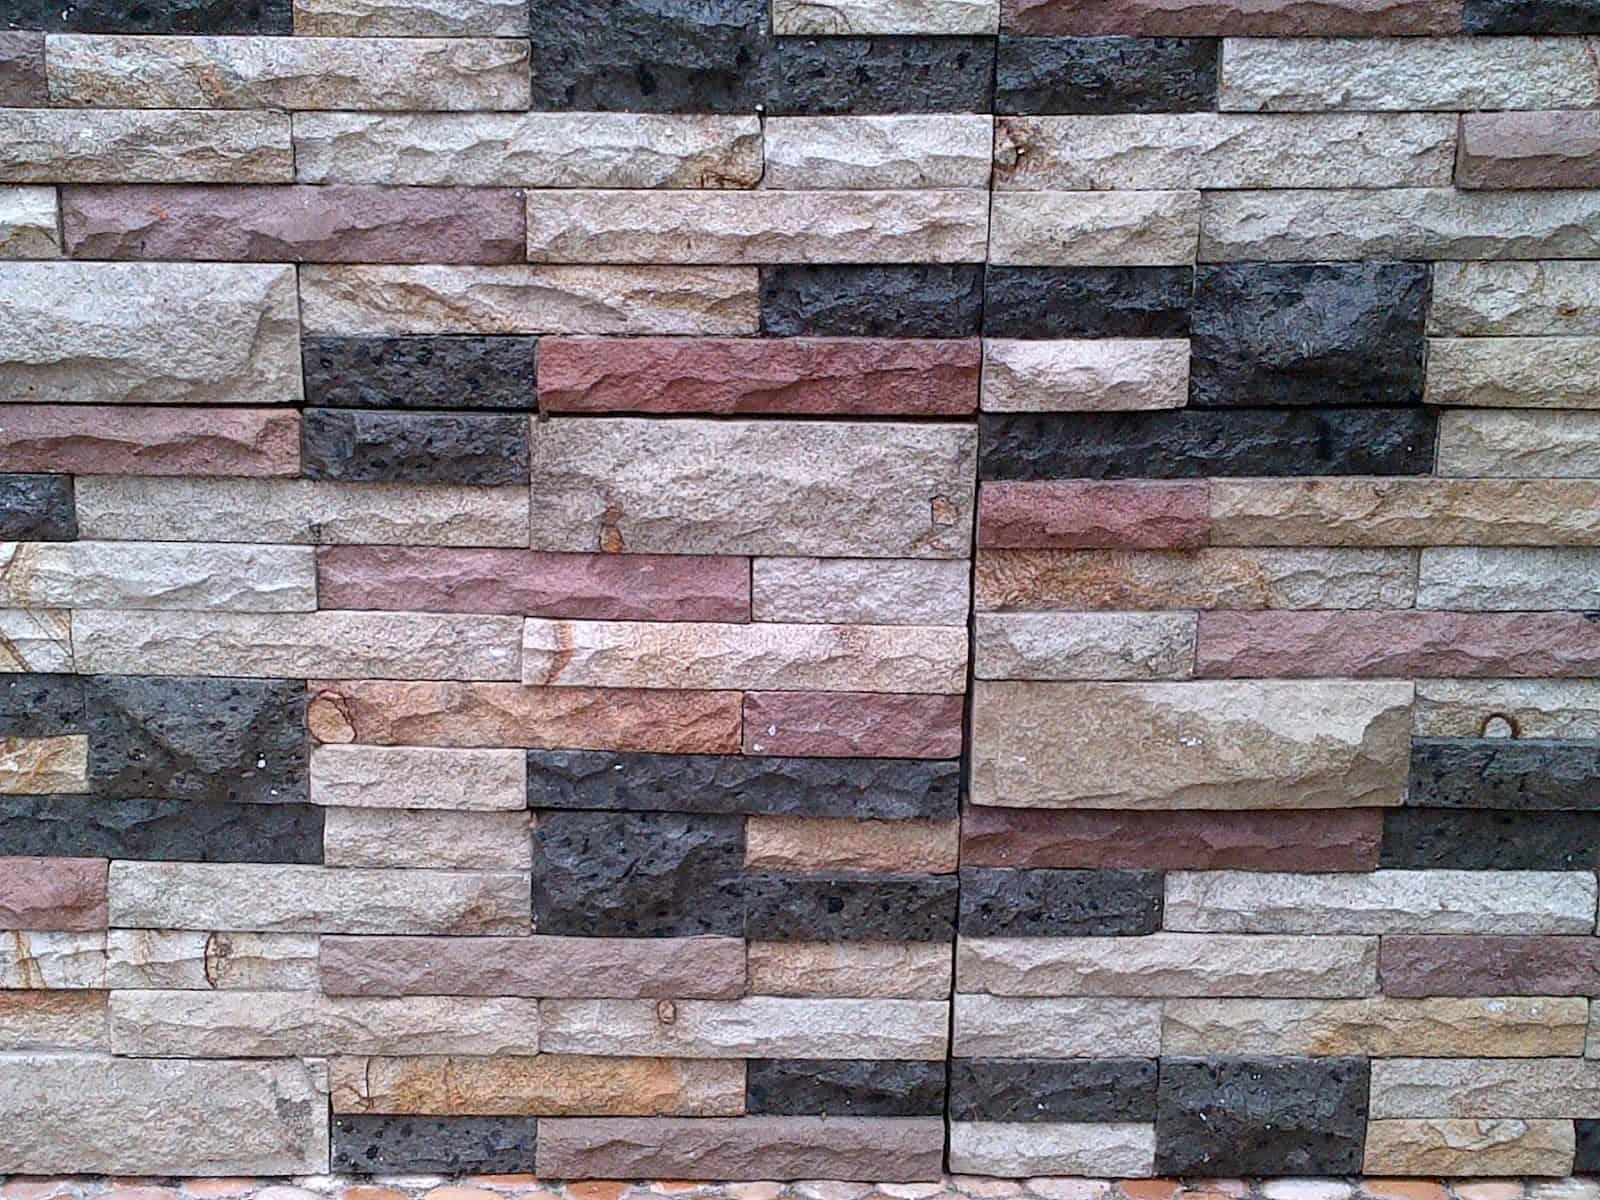 Jenis Motif Batu Alam Andesit Untuk Dinding Luar Rumah 2021 Macam macam batu alam